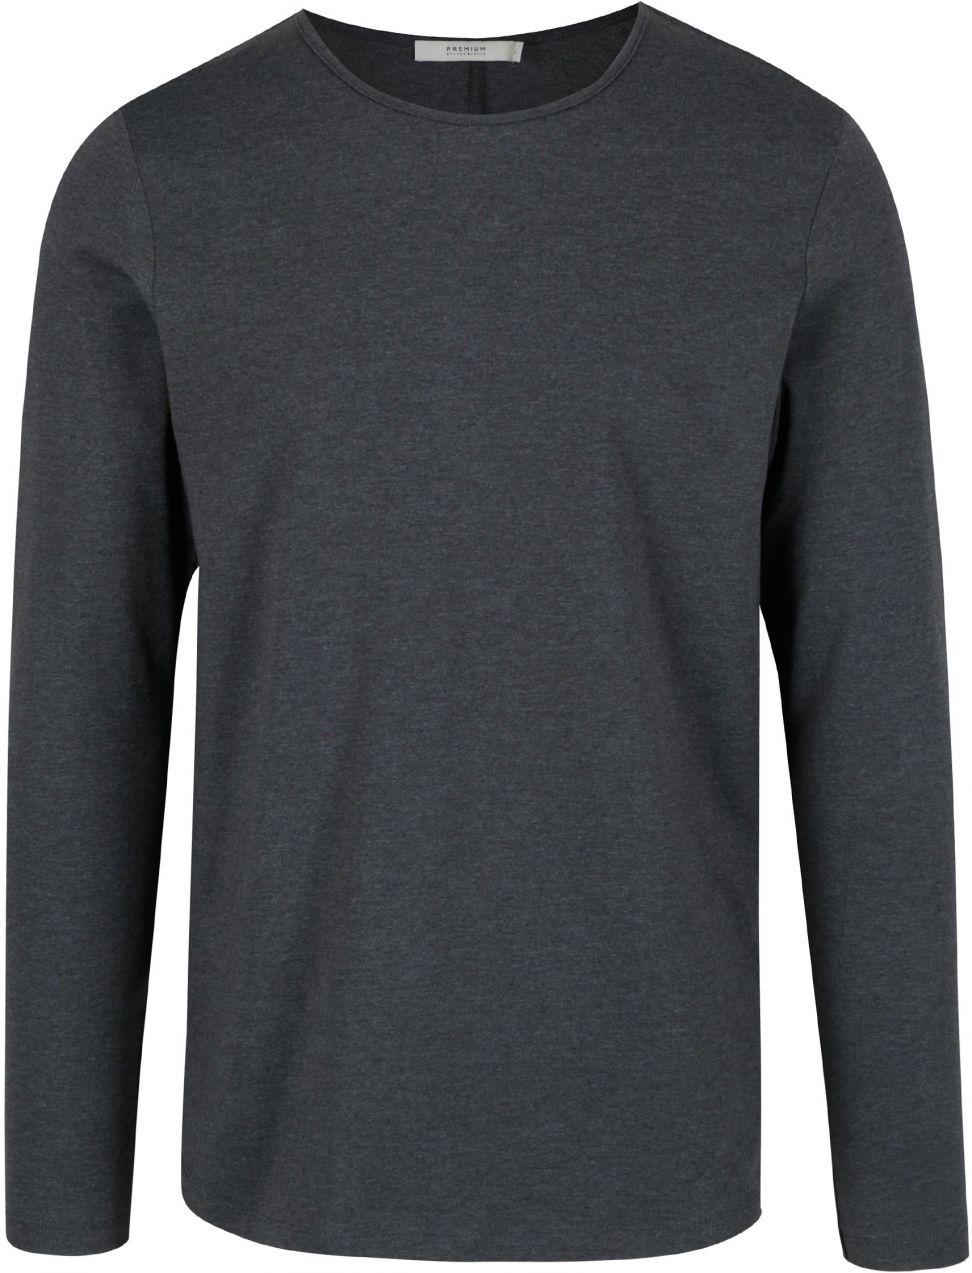 47a480b3da Tmavosivé basic tričko s dlhým rukávom Jack   Jones Perth značky Jack    Jones - Lovely.sk